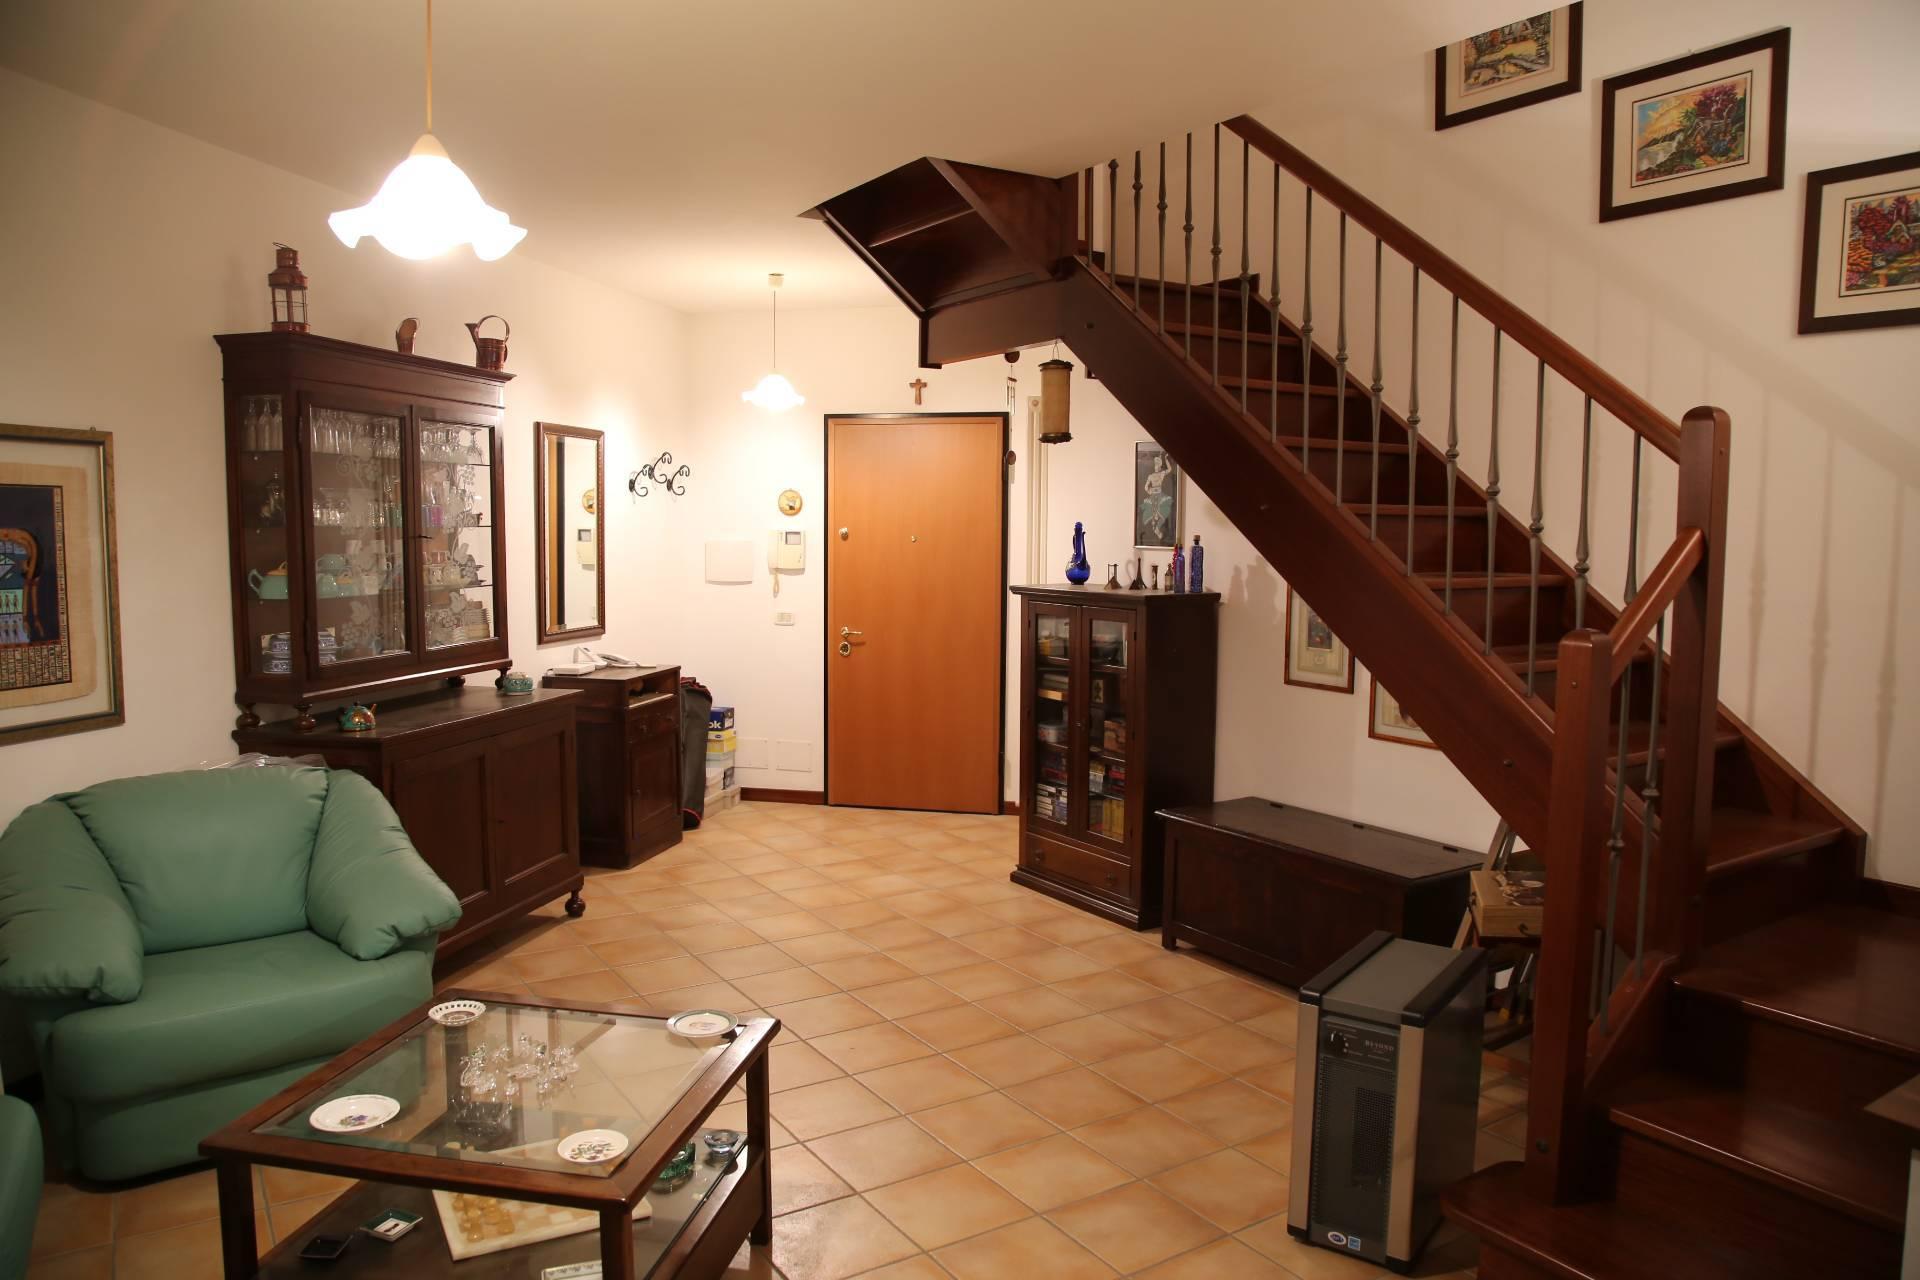 Appartamento in vendita a Falerone, 4 locali, zona Località: PianediFalerone, prezzo € 124.000   PortaleAgenzieImmobiliari.it